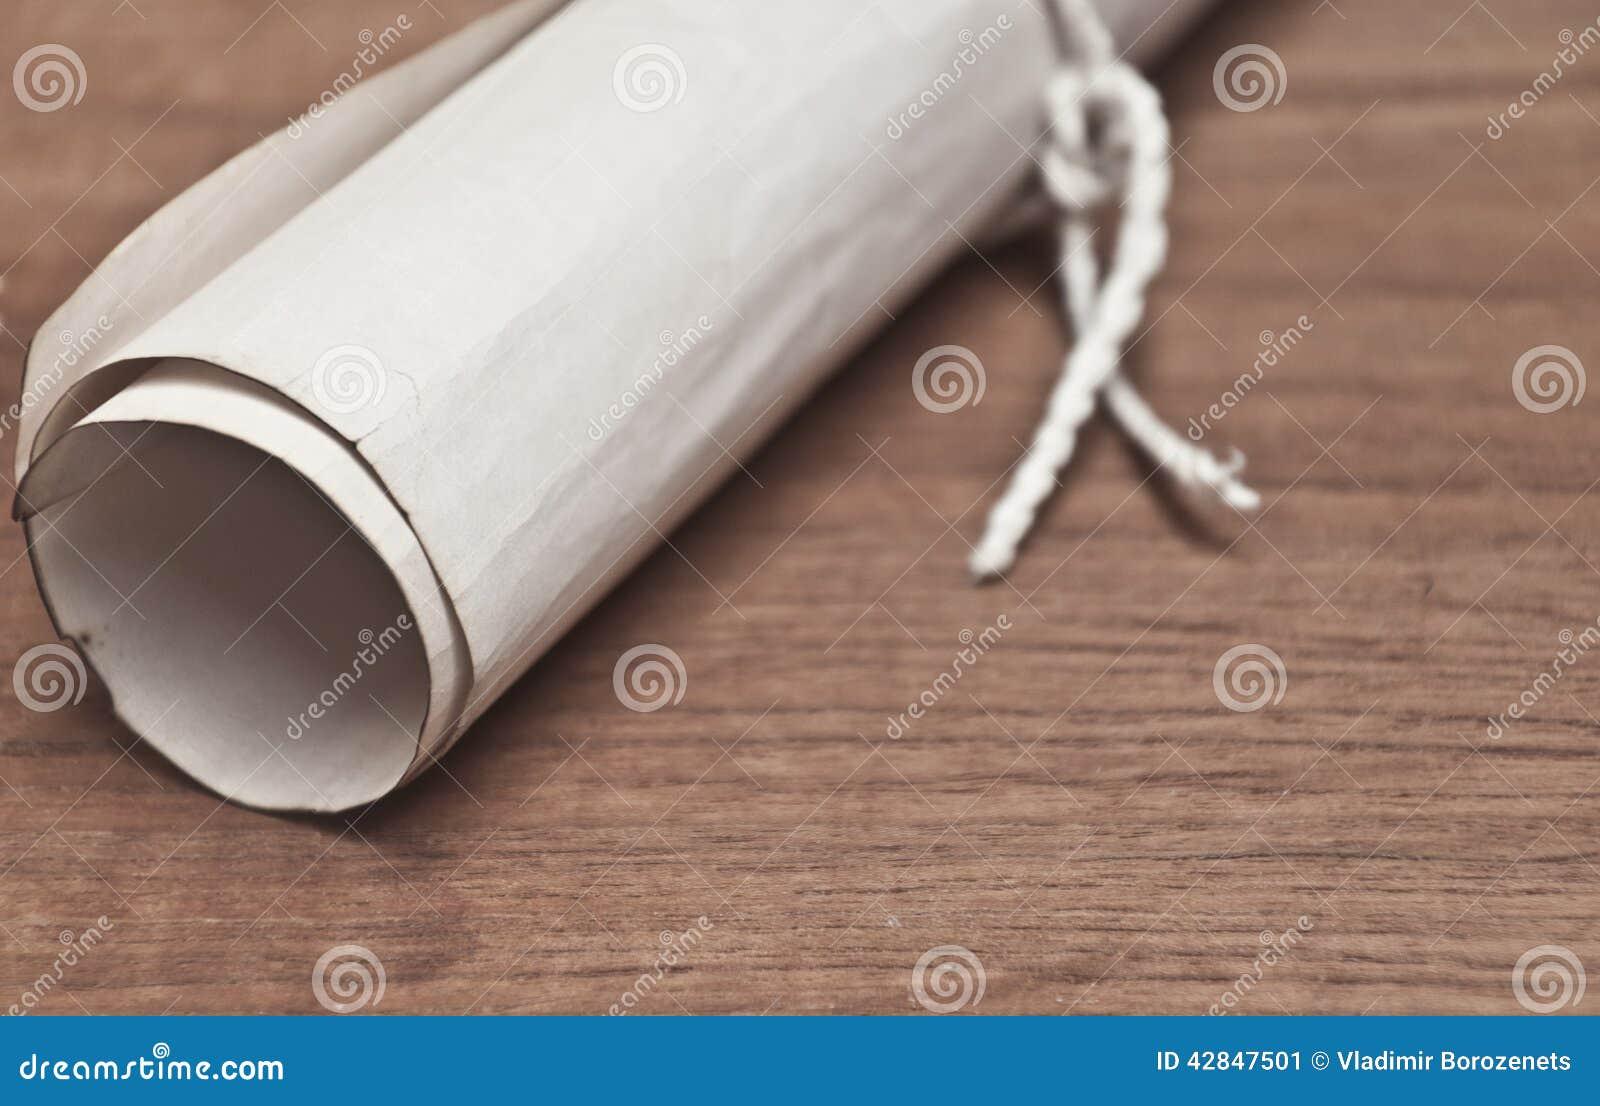 在木桌上的古老纸卷